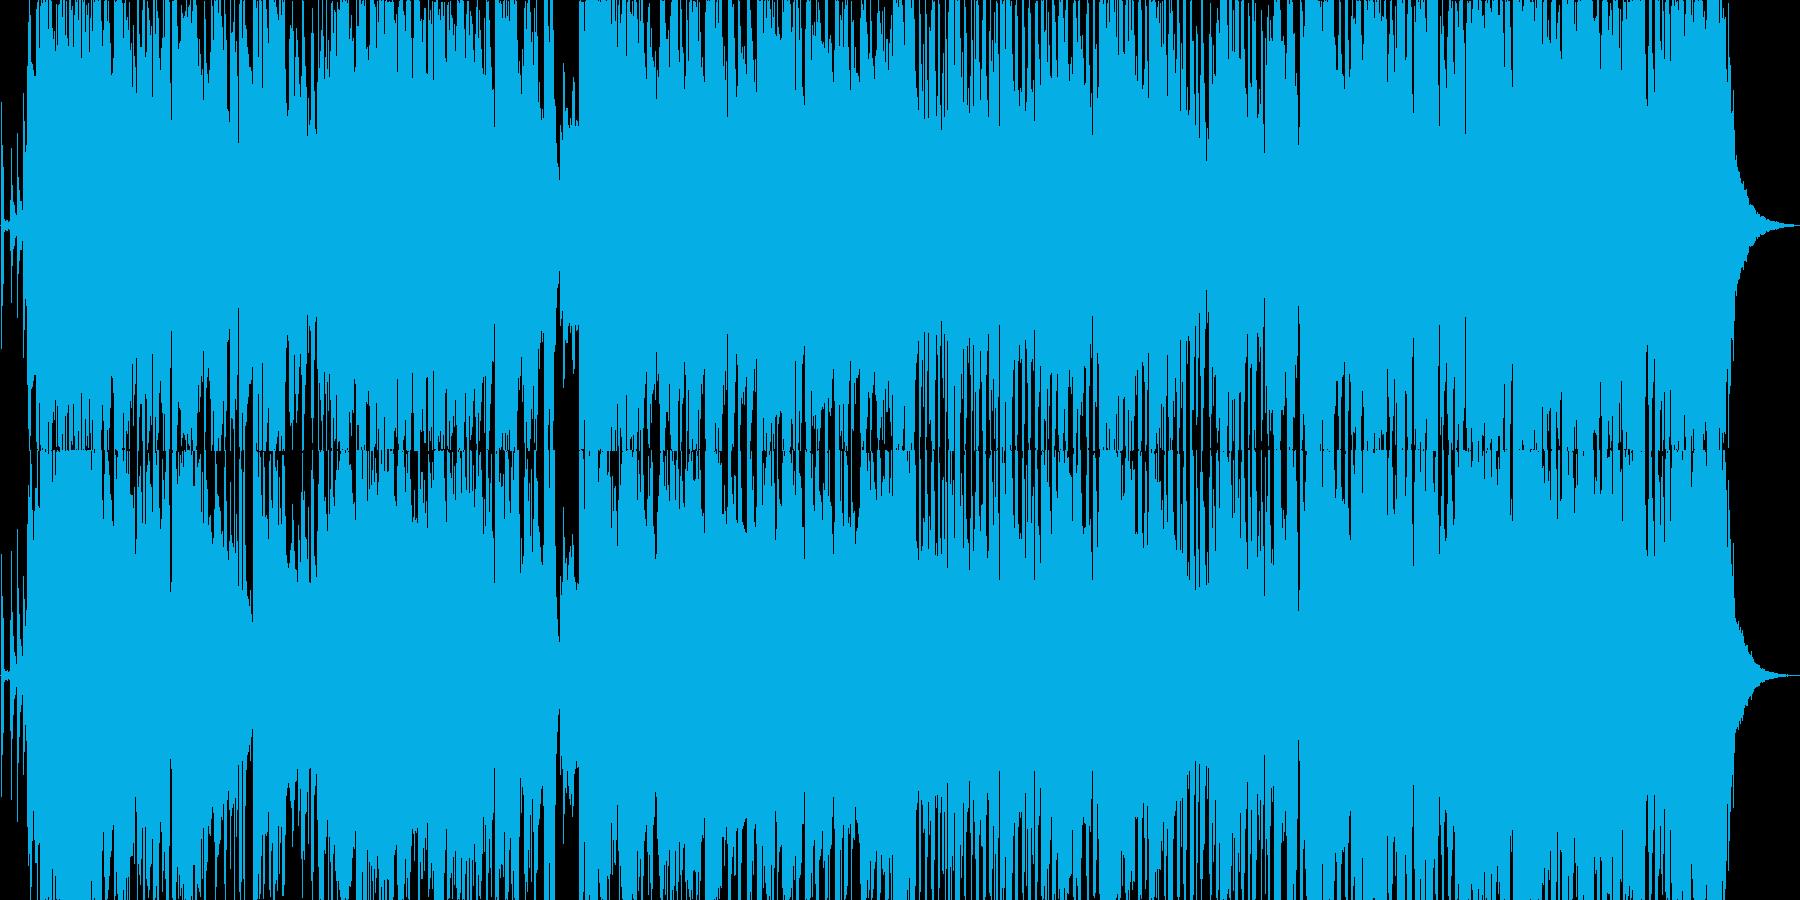 ゴージャスな雰囲気のビッグバンドジャズの再生済みの波形